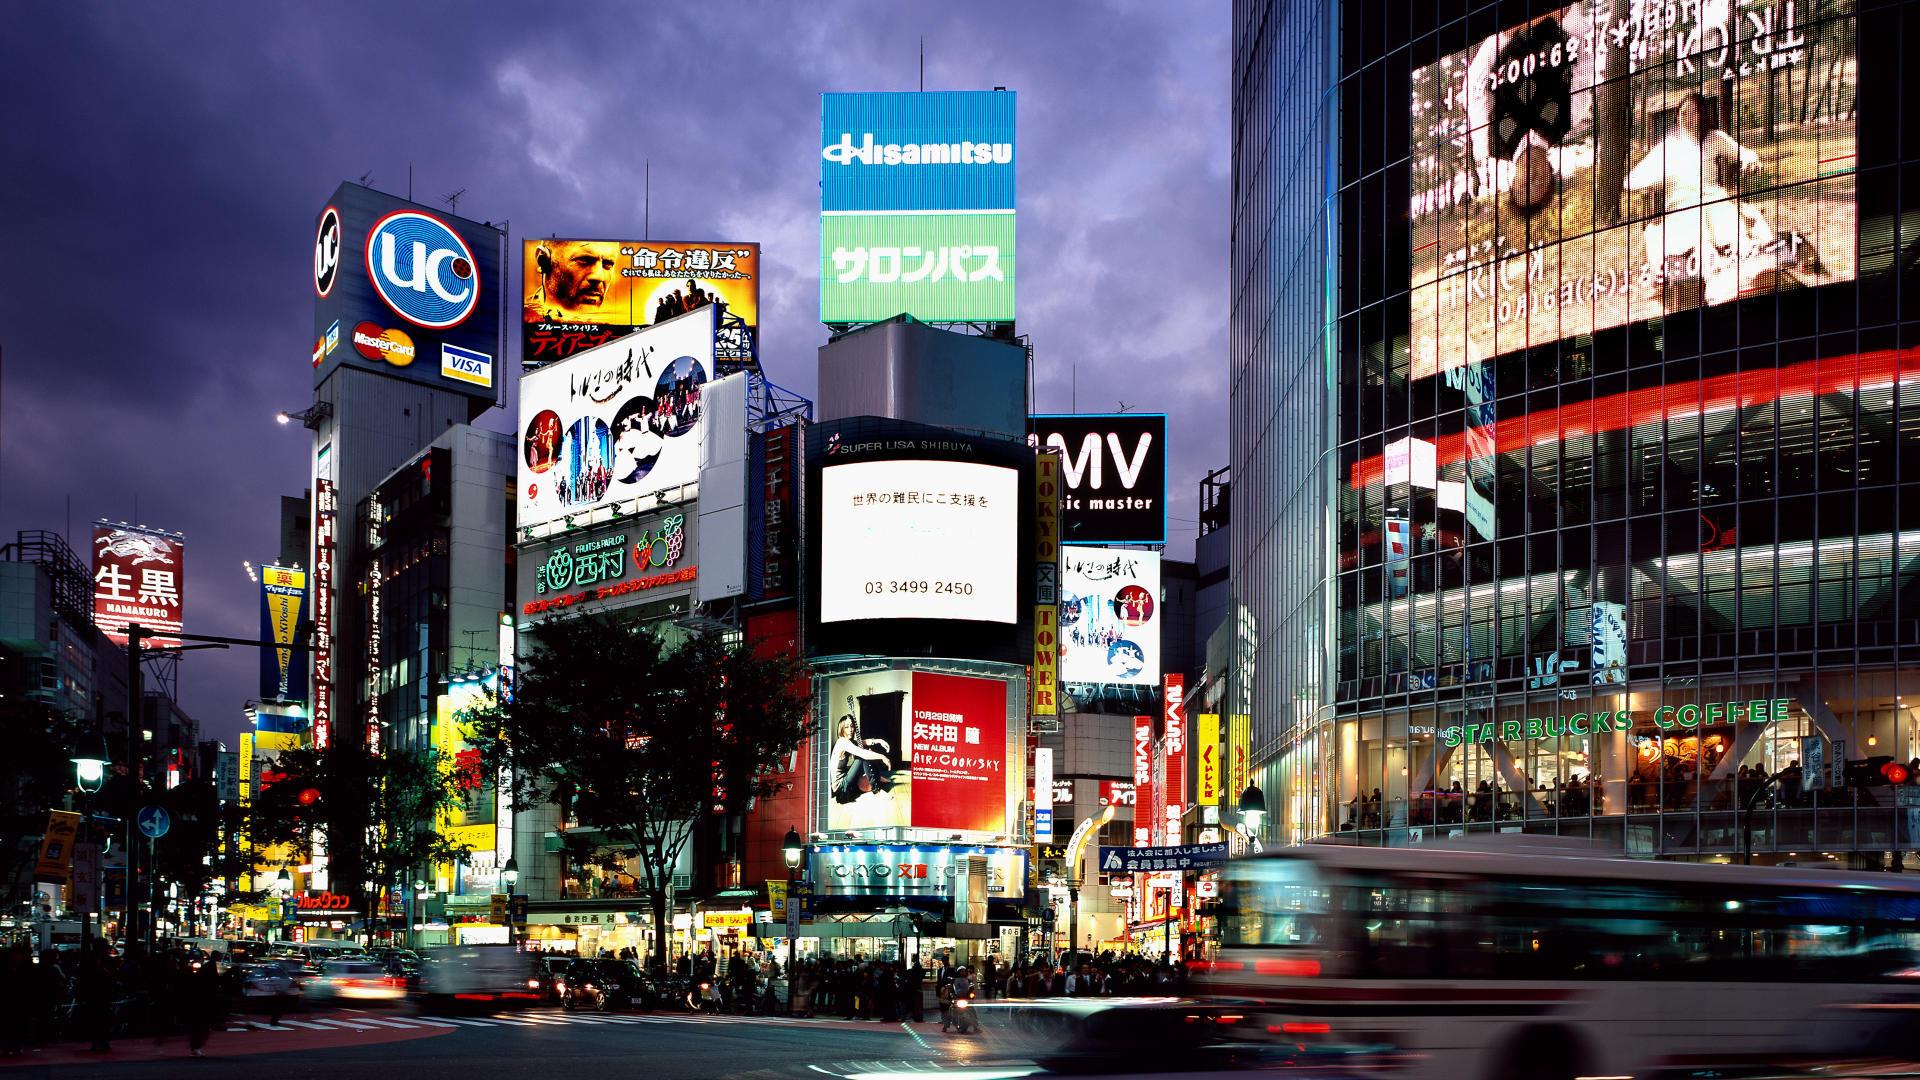 Monster Hunter Comes To Shibuya